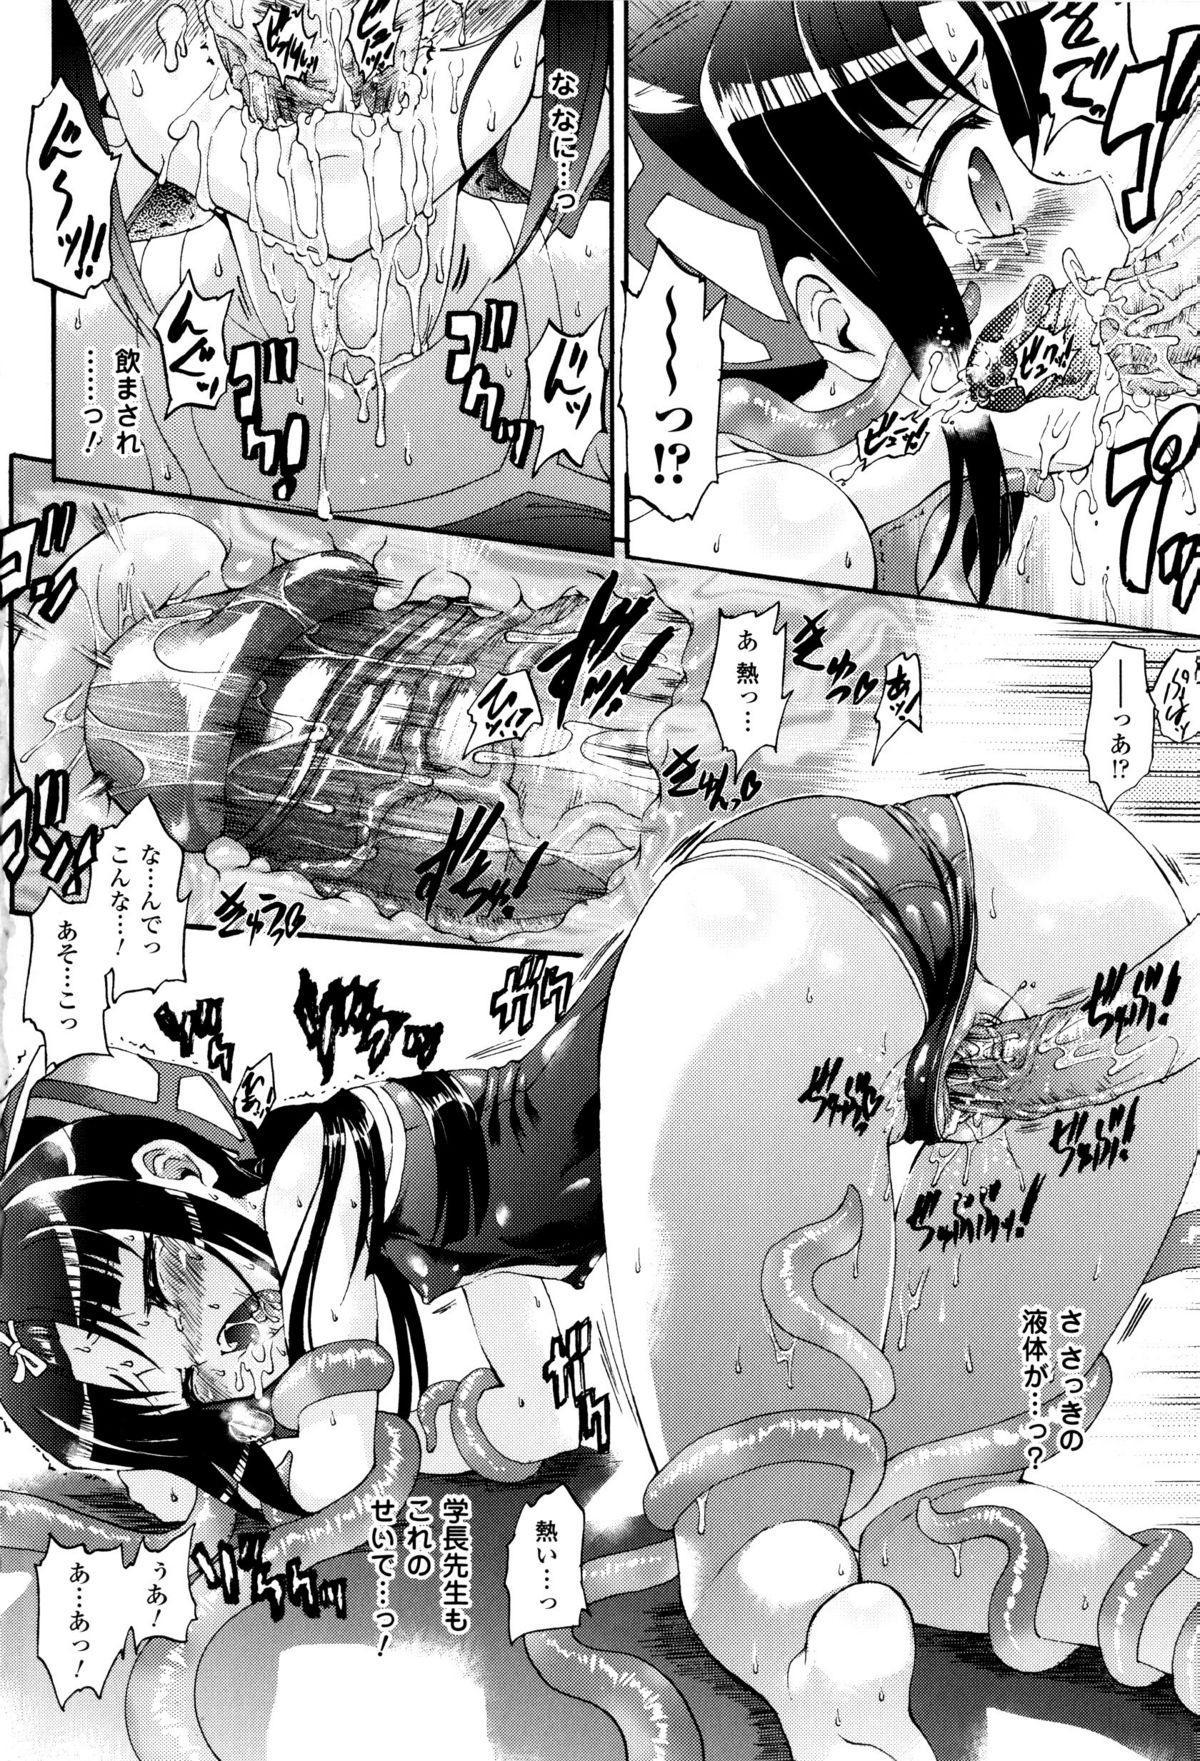 Toushin Engi Vol. 8 20